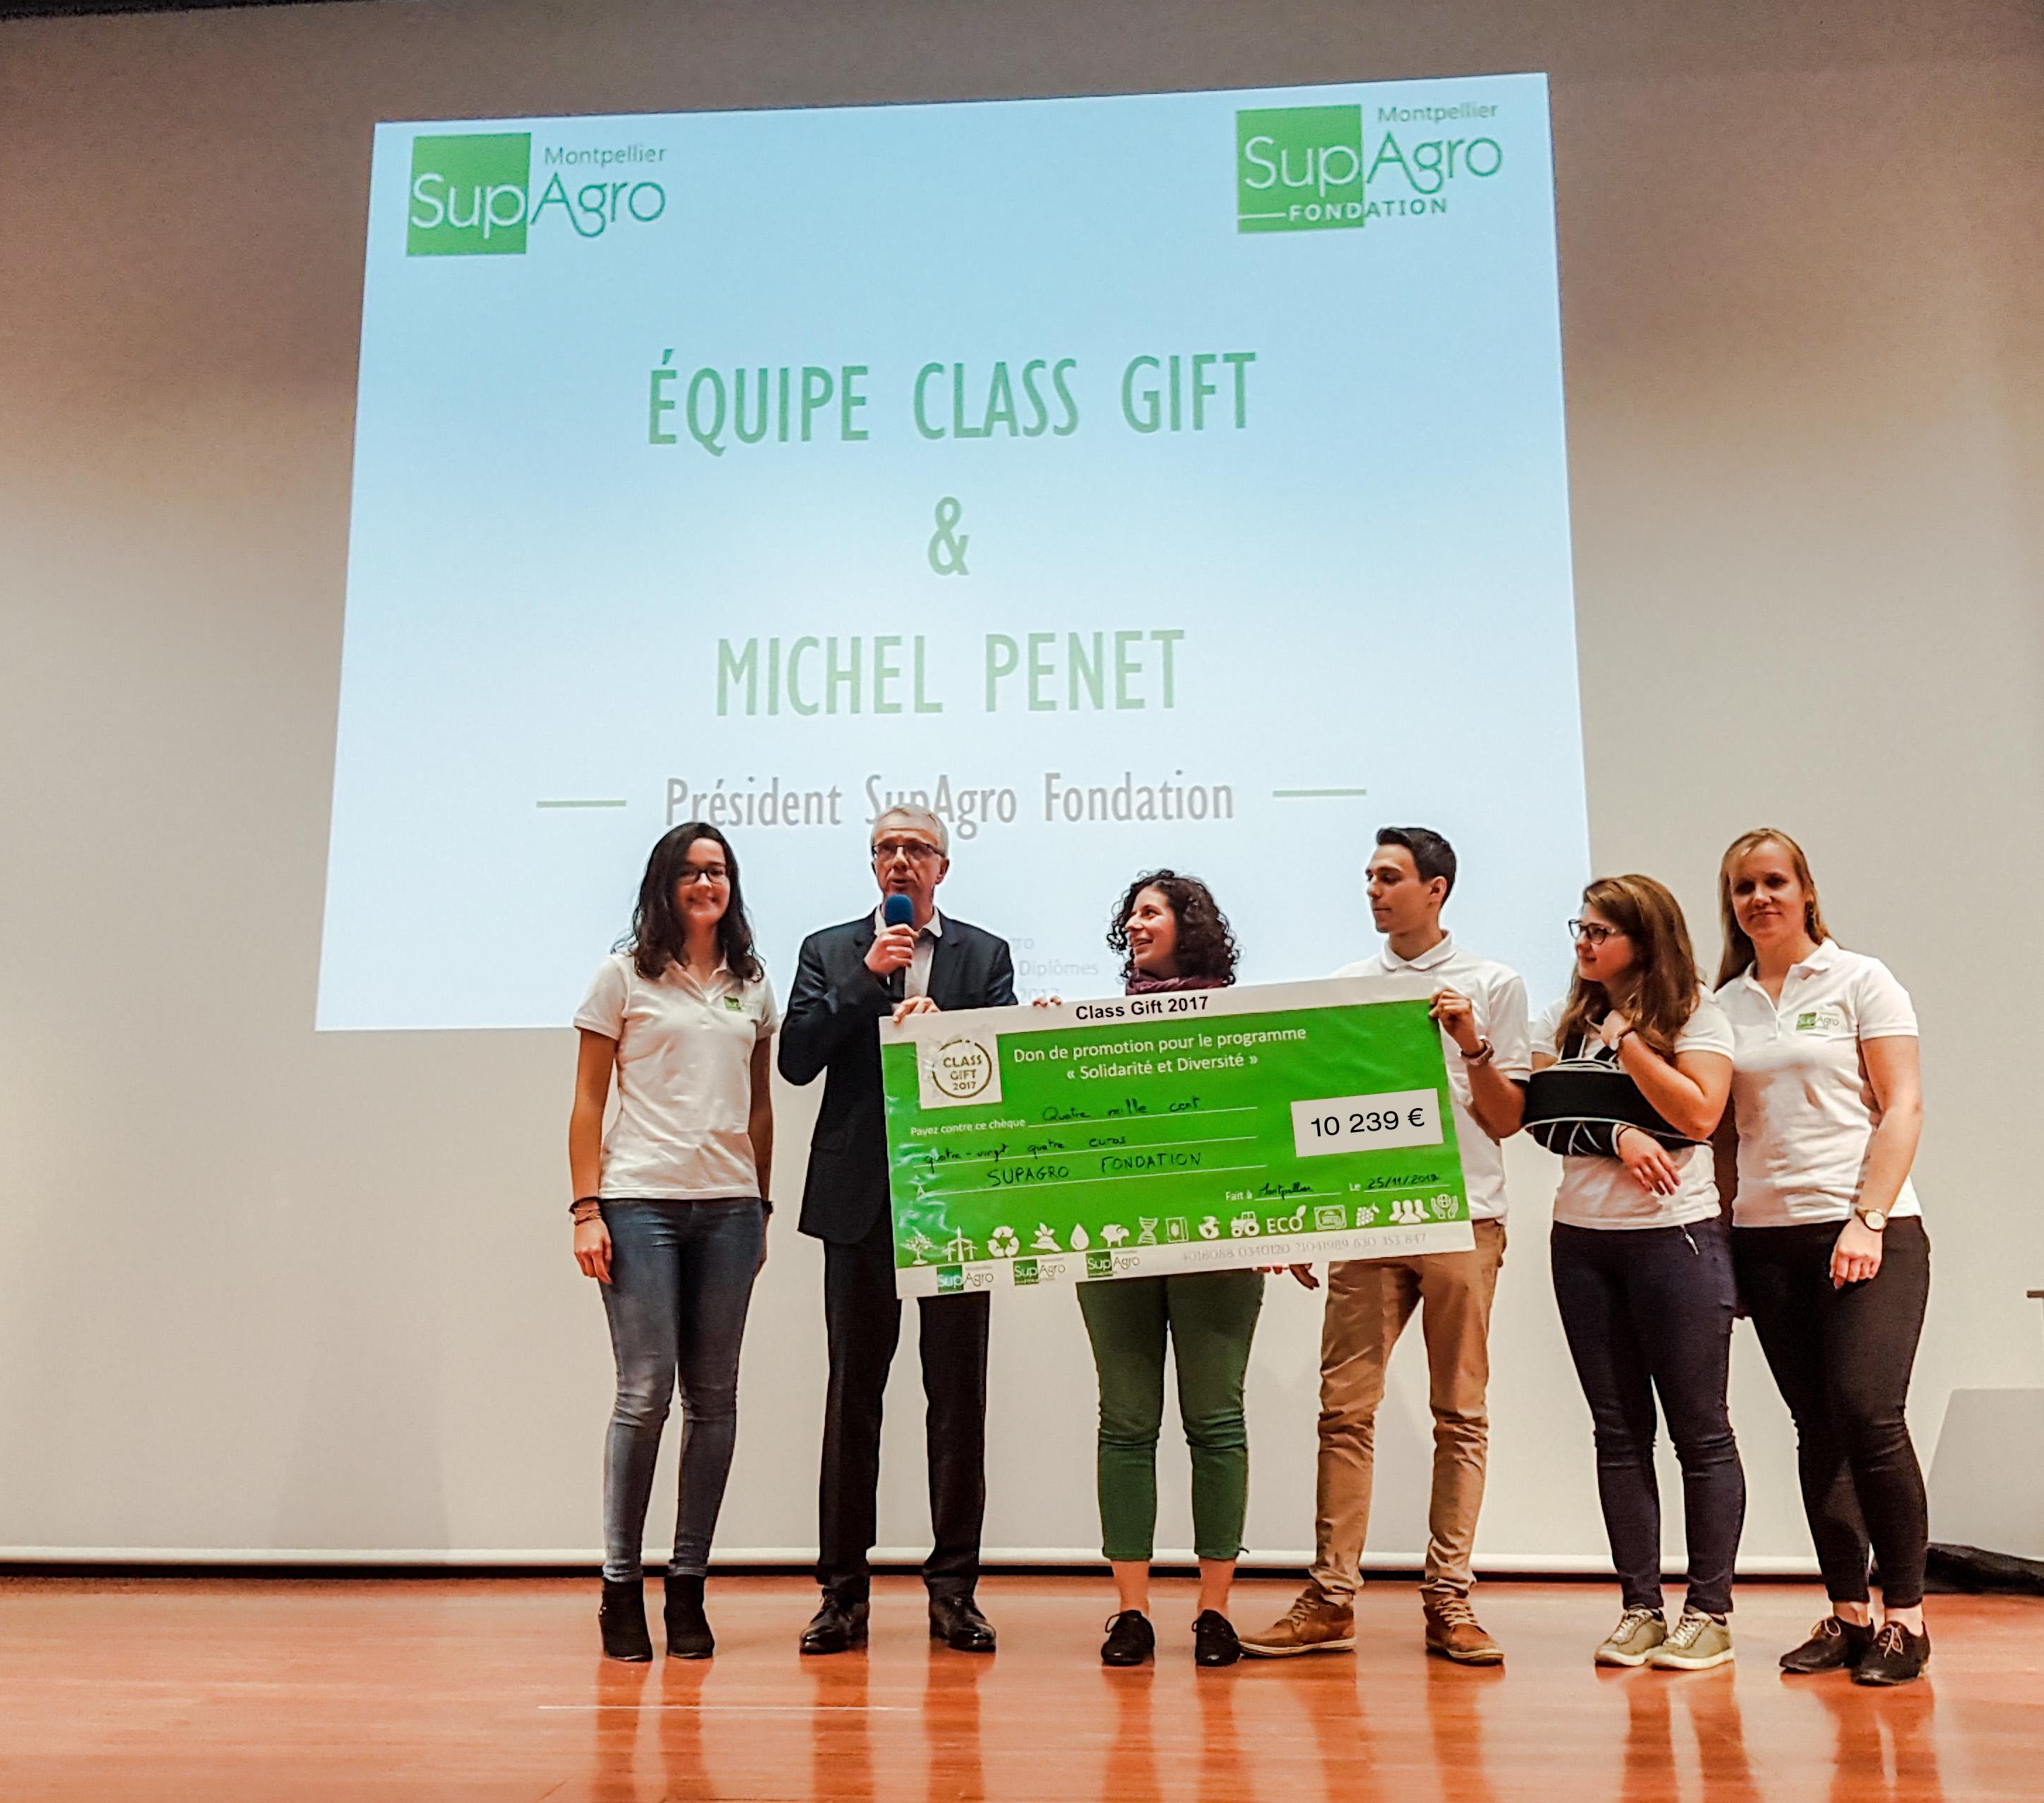 Remise du chèque symbolique au Président de SupAgro Fondation, Michel Penet